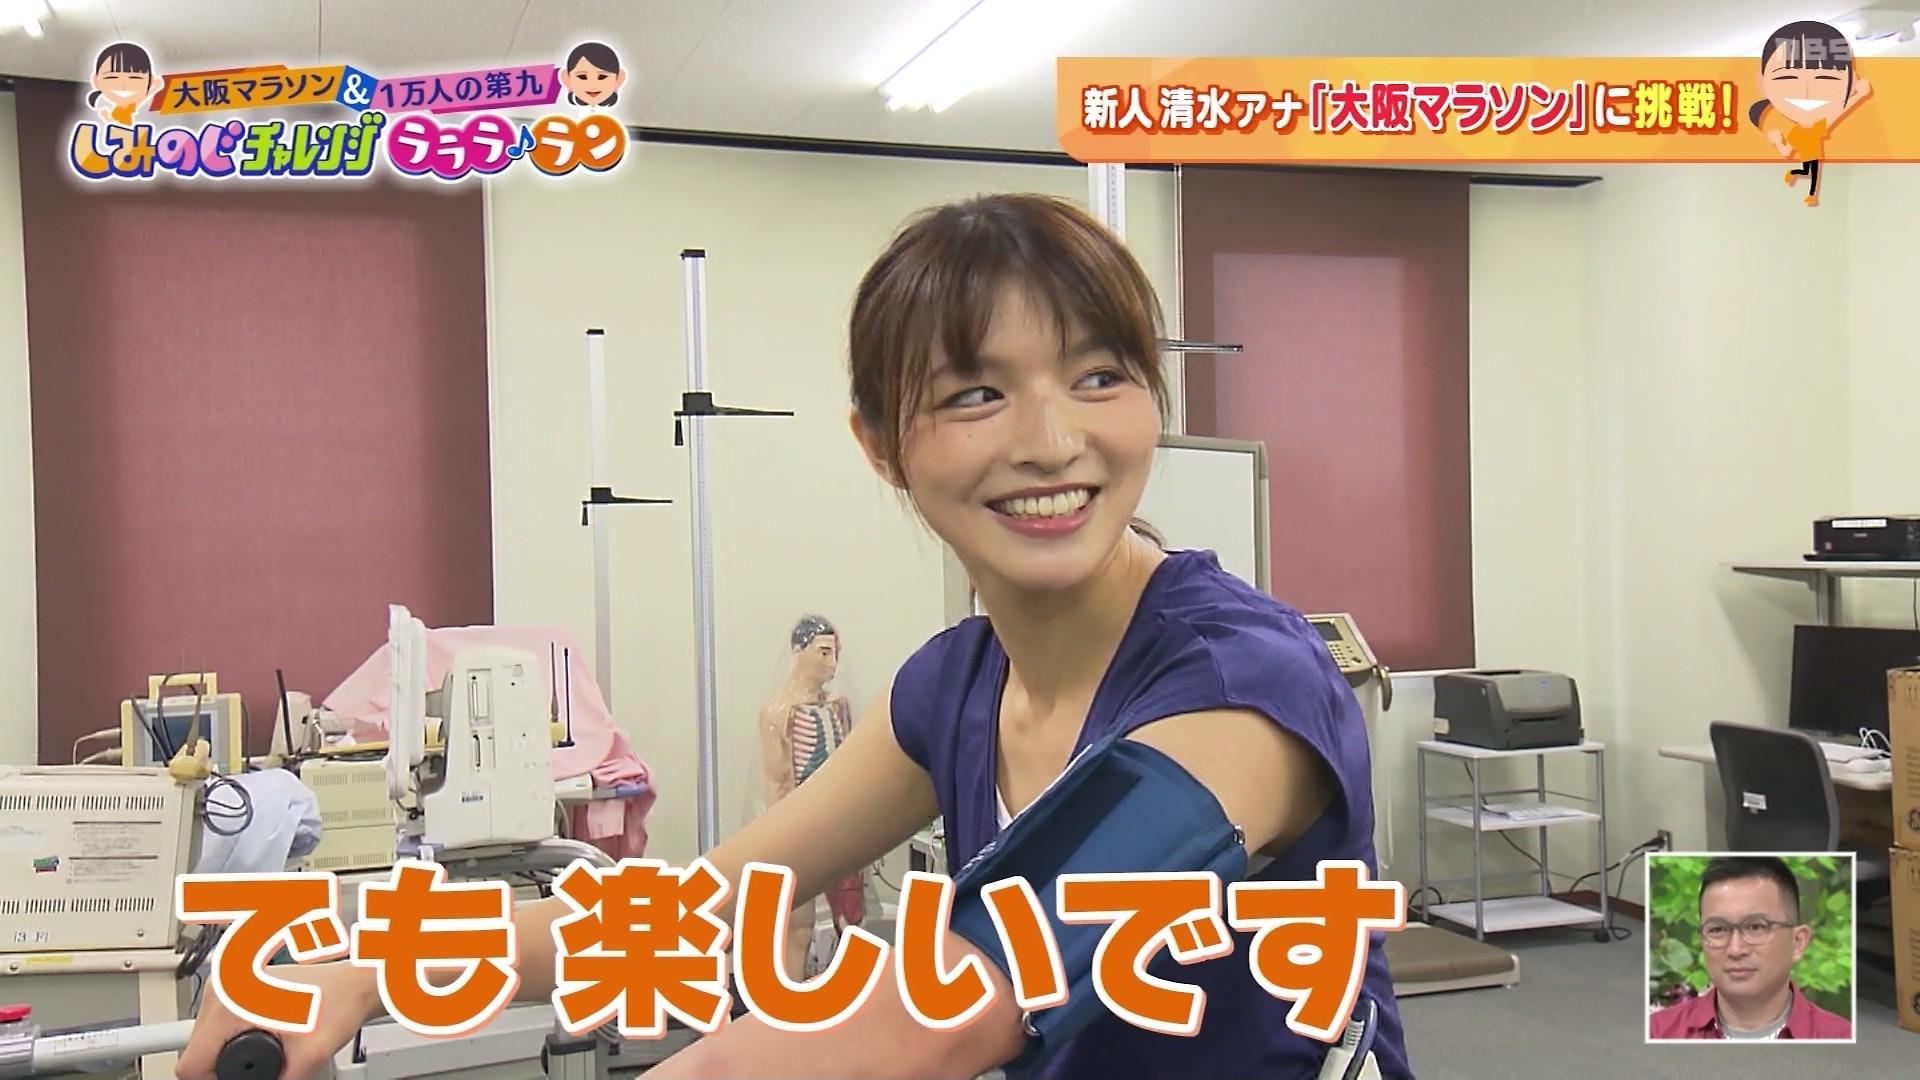 ちちんぷいぷいに出演したMBS新人女子アナ・清水麻椰さんのテレビキャプチャー画像-015